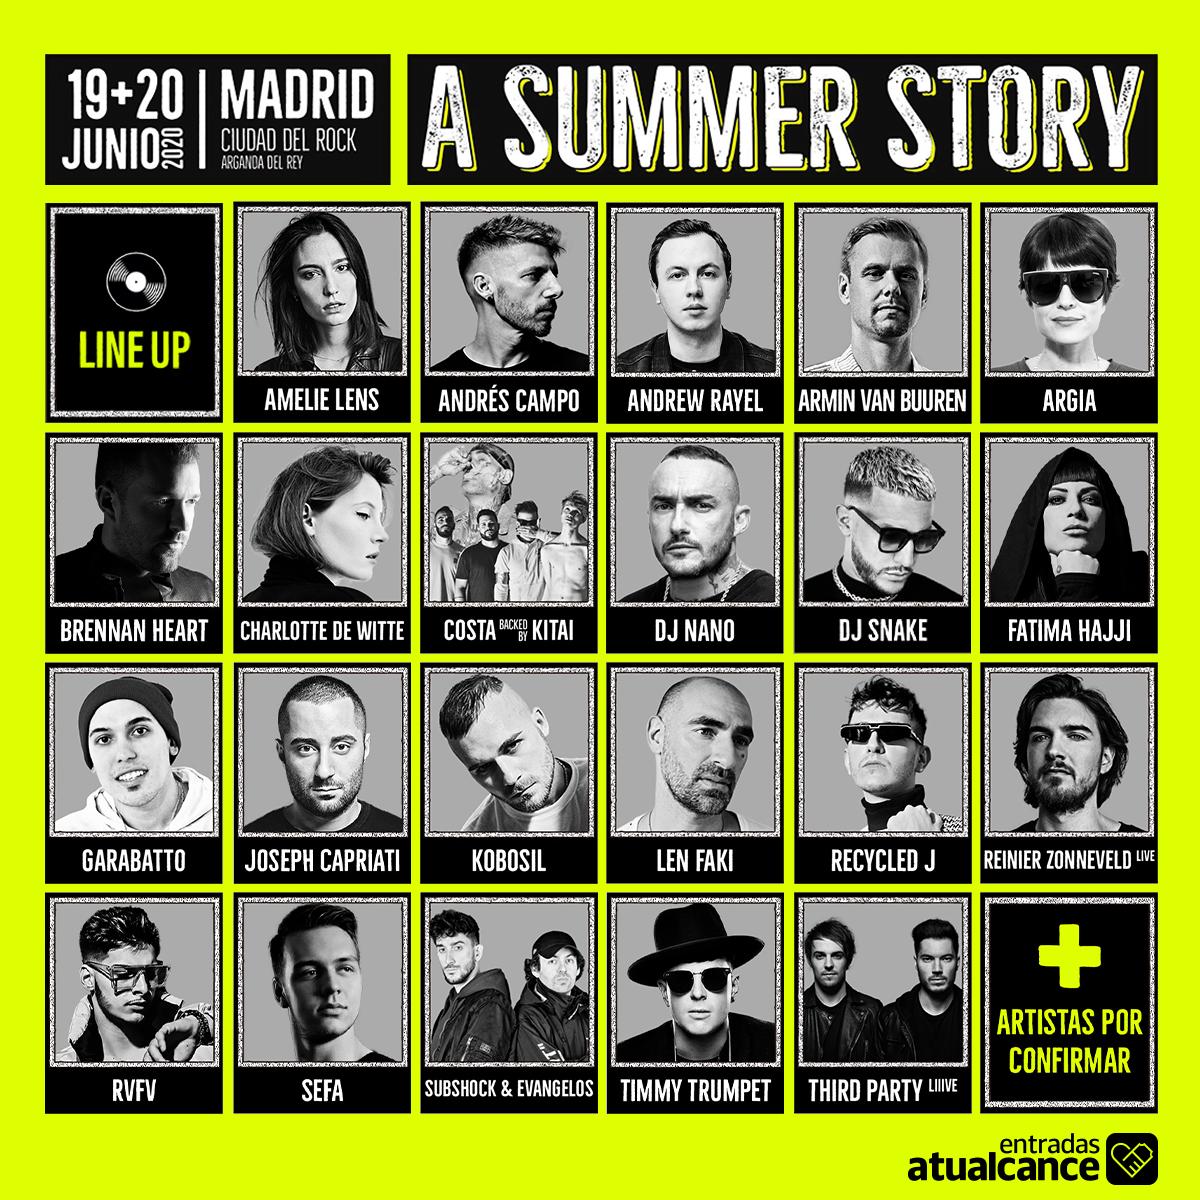 a-summer-story-2020-en-ciudad-del-rock-arganda-del-rey-madrid-19-5e4bd24886e3a.jpeg